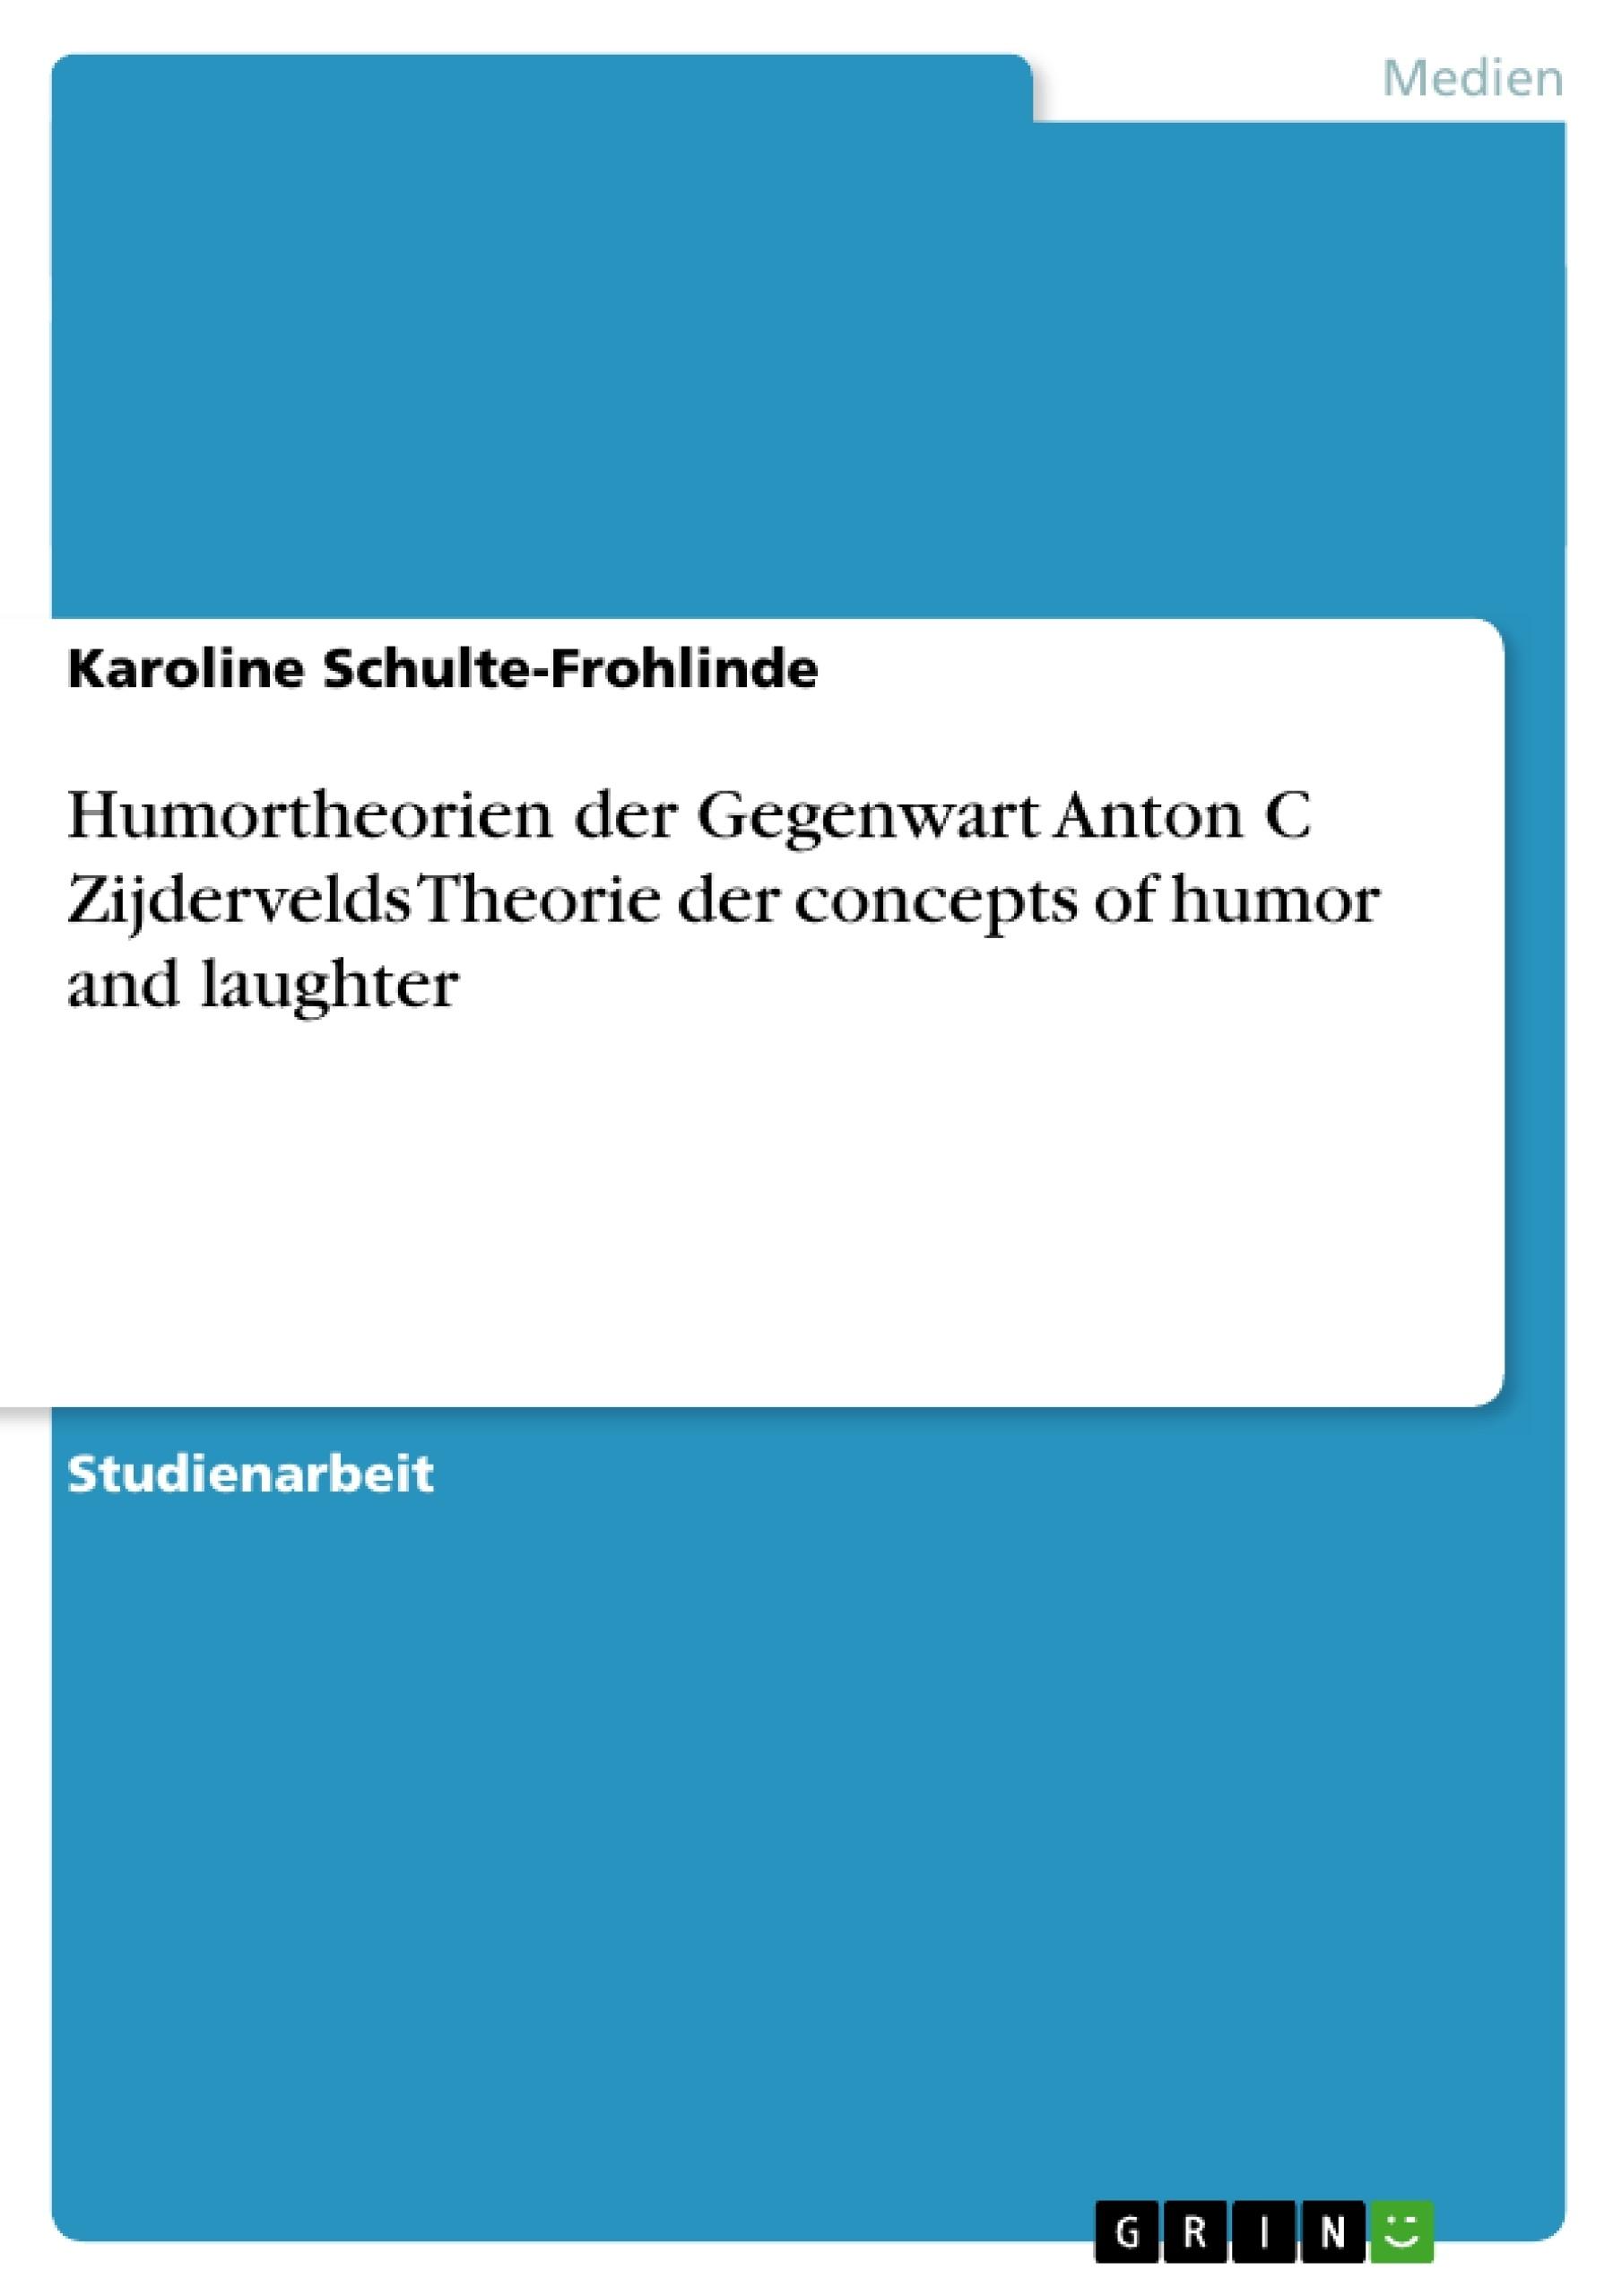 Titel: Humortheorien der Gegenwart Anton C Zijdervelds Theorie der concepts of humor and laughter